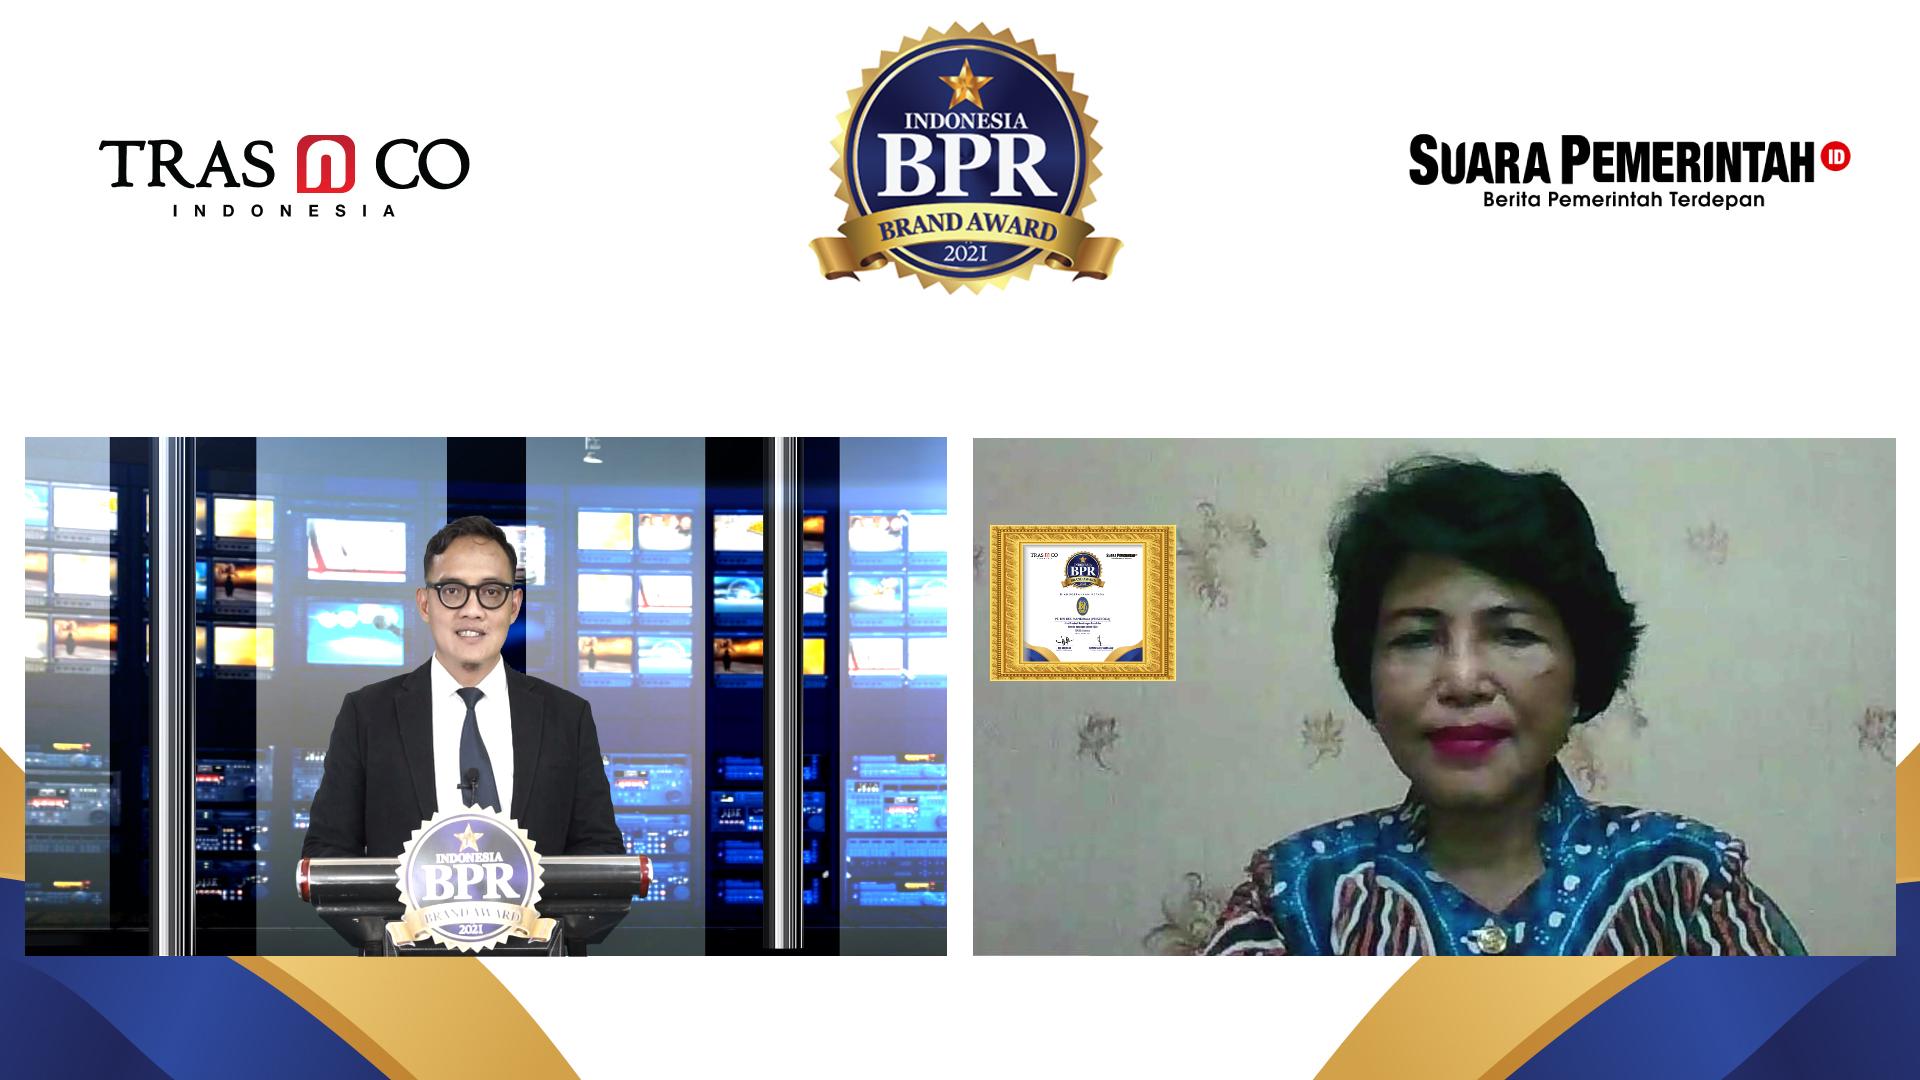 Masuk TOP 250 BPR di Indonesia, BPR BKK Mandiraja Raih Indonesia BPR Brand Award 2021 - Suara Pemerintah